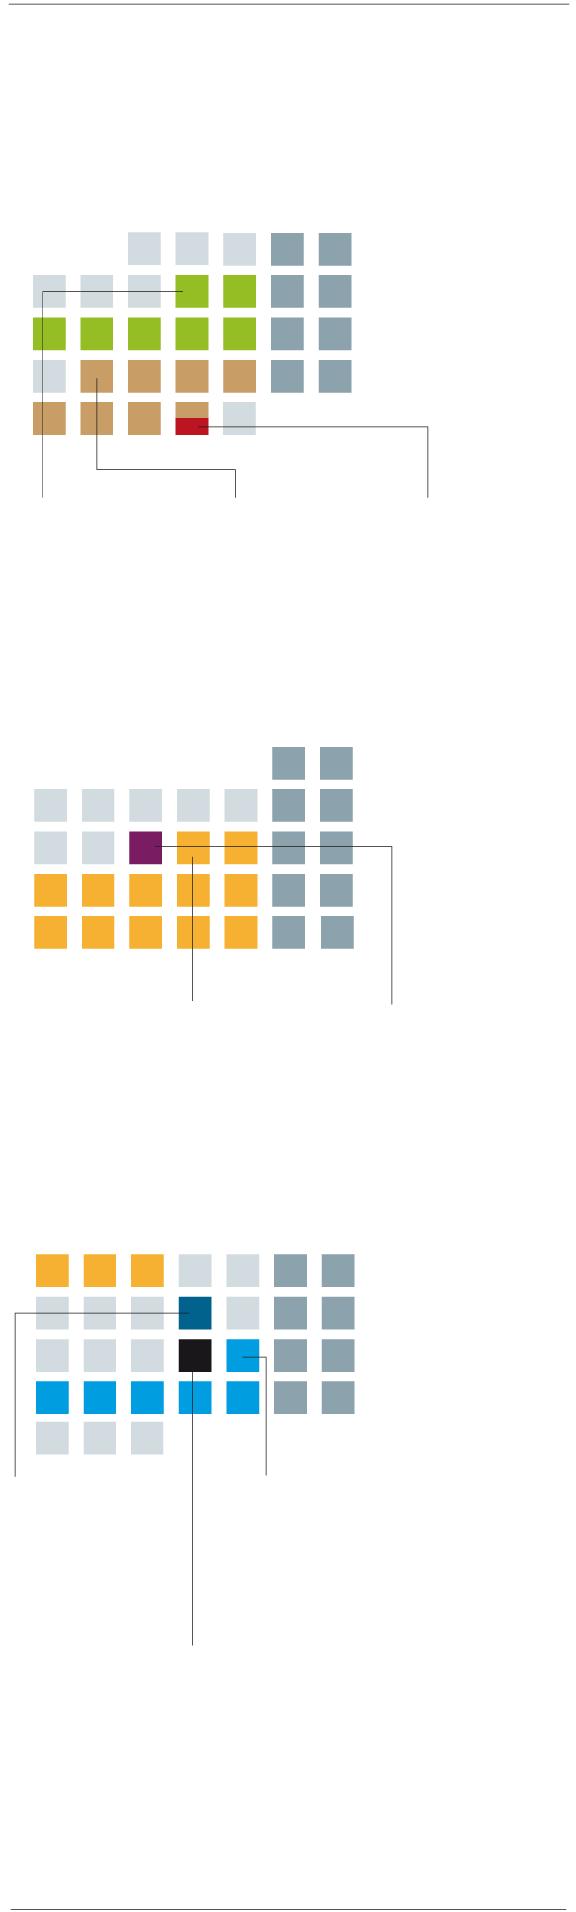 Calendario Laboral 2020 Comunidad Valenciana Dogv.Curso 2019 2020 Fechas Y Novedades En La Baremacion En La